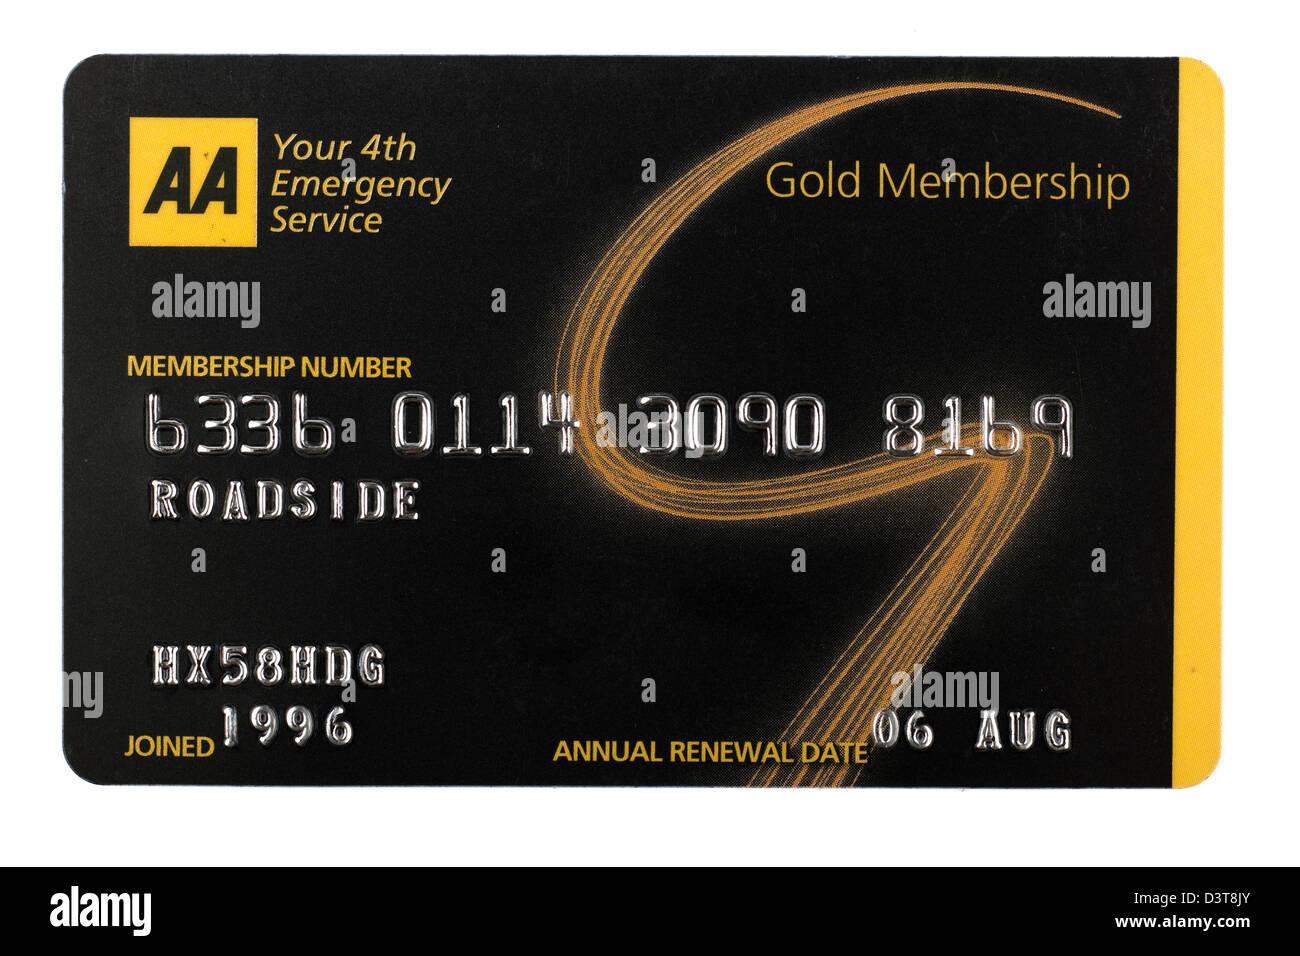 Desglose de carretera AA membresía gold card con Editar registro y número de membresía. Sólo Imagen De Stock